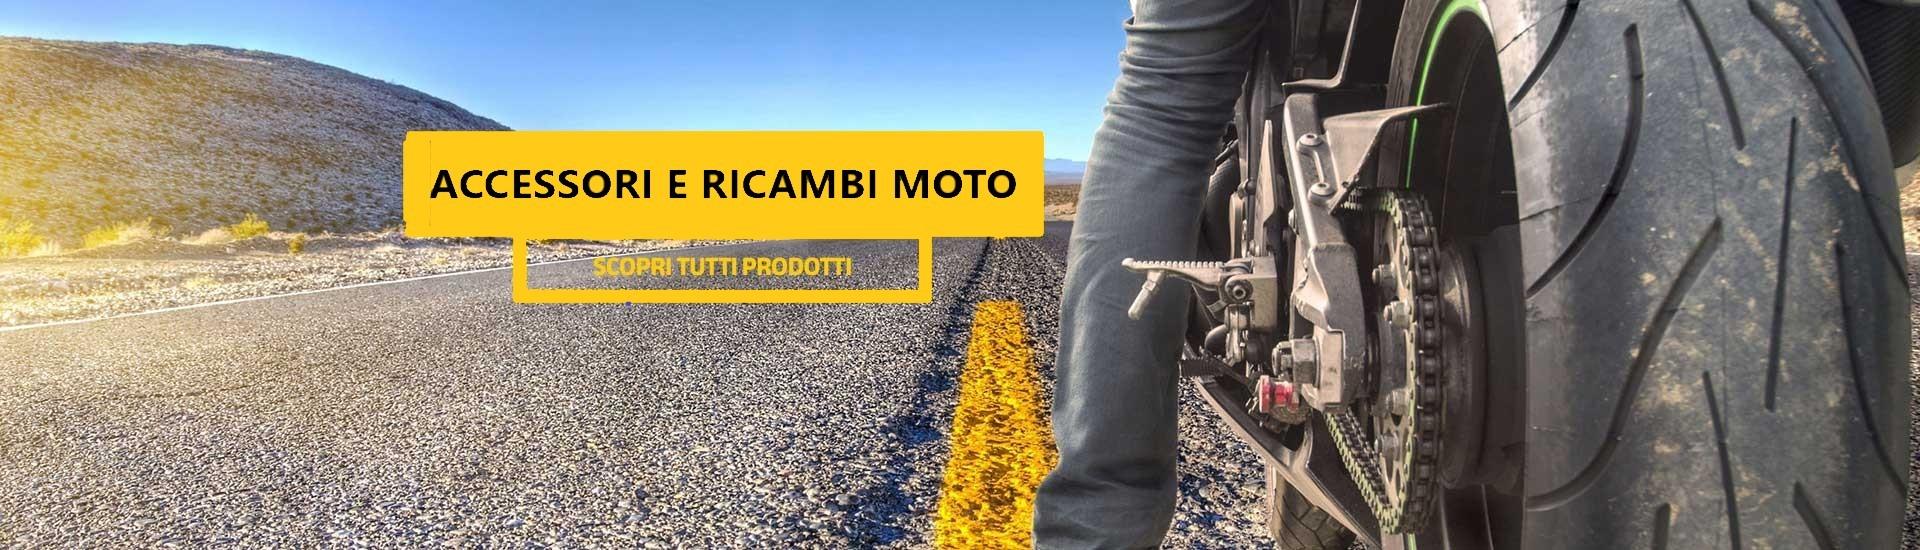 ACCESSORI E RICAMBI MOTO